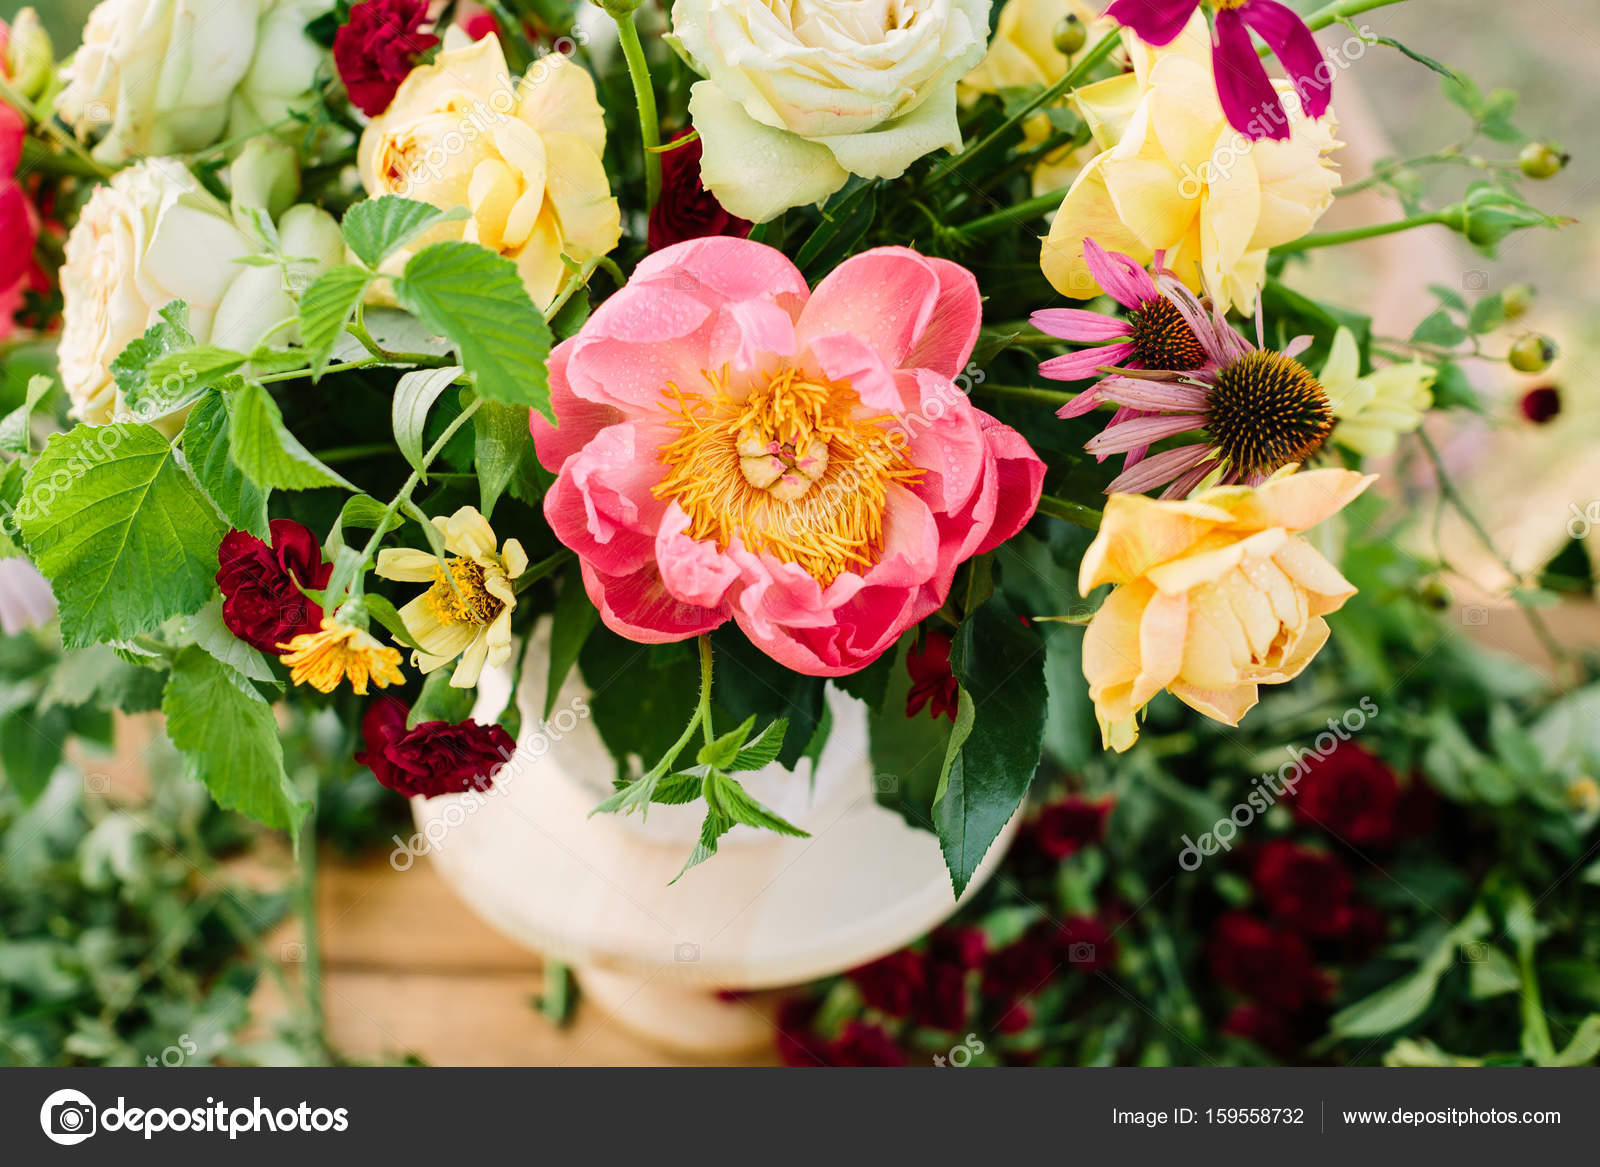 design floral d coration arts appliqu s mariage concept de printemps bouquet de fleurs. Black Bedroom Furniture Sets. Home Design Ideas